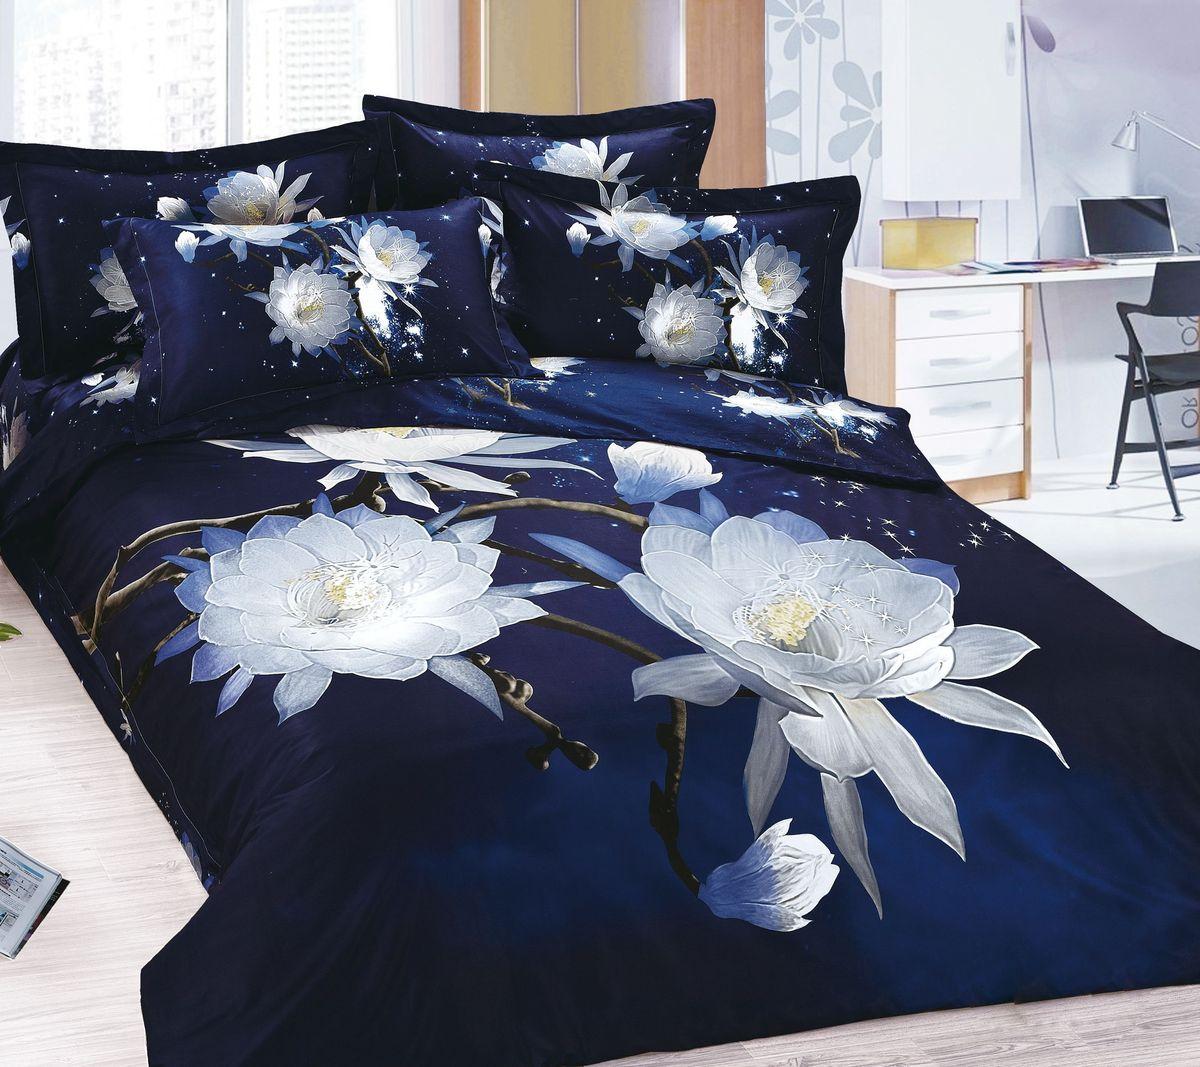 Комплект белья Коллекция Цветы на черном, 2-спальный, наволочки 50x70. СР2/50/ОЗ/цчСР2/50/ОЗ/цч